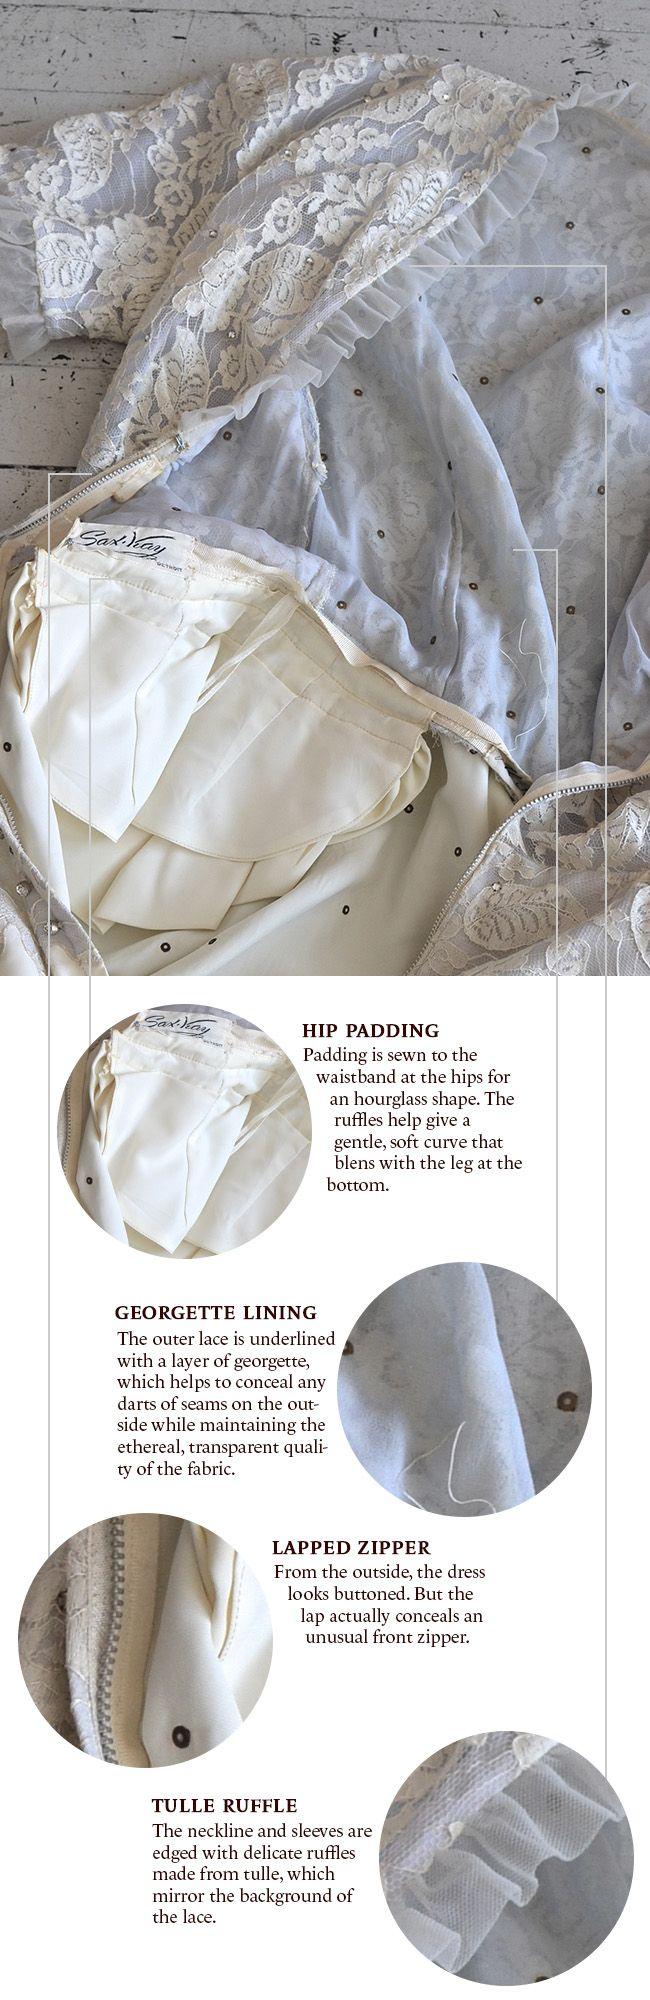 Construction details of a 1920s lace dress